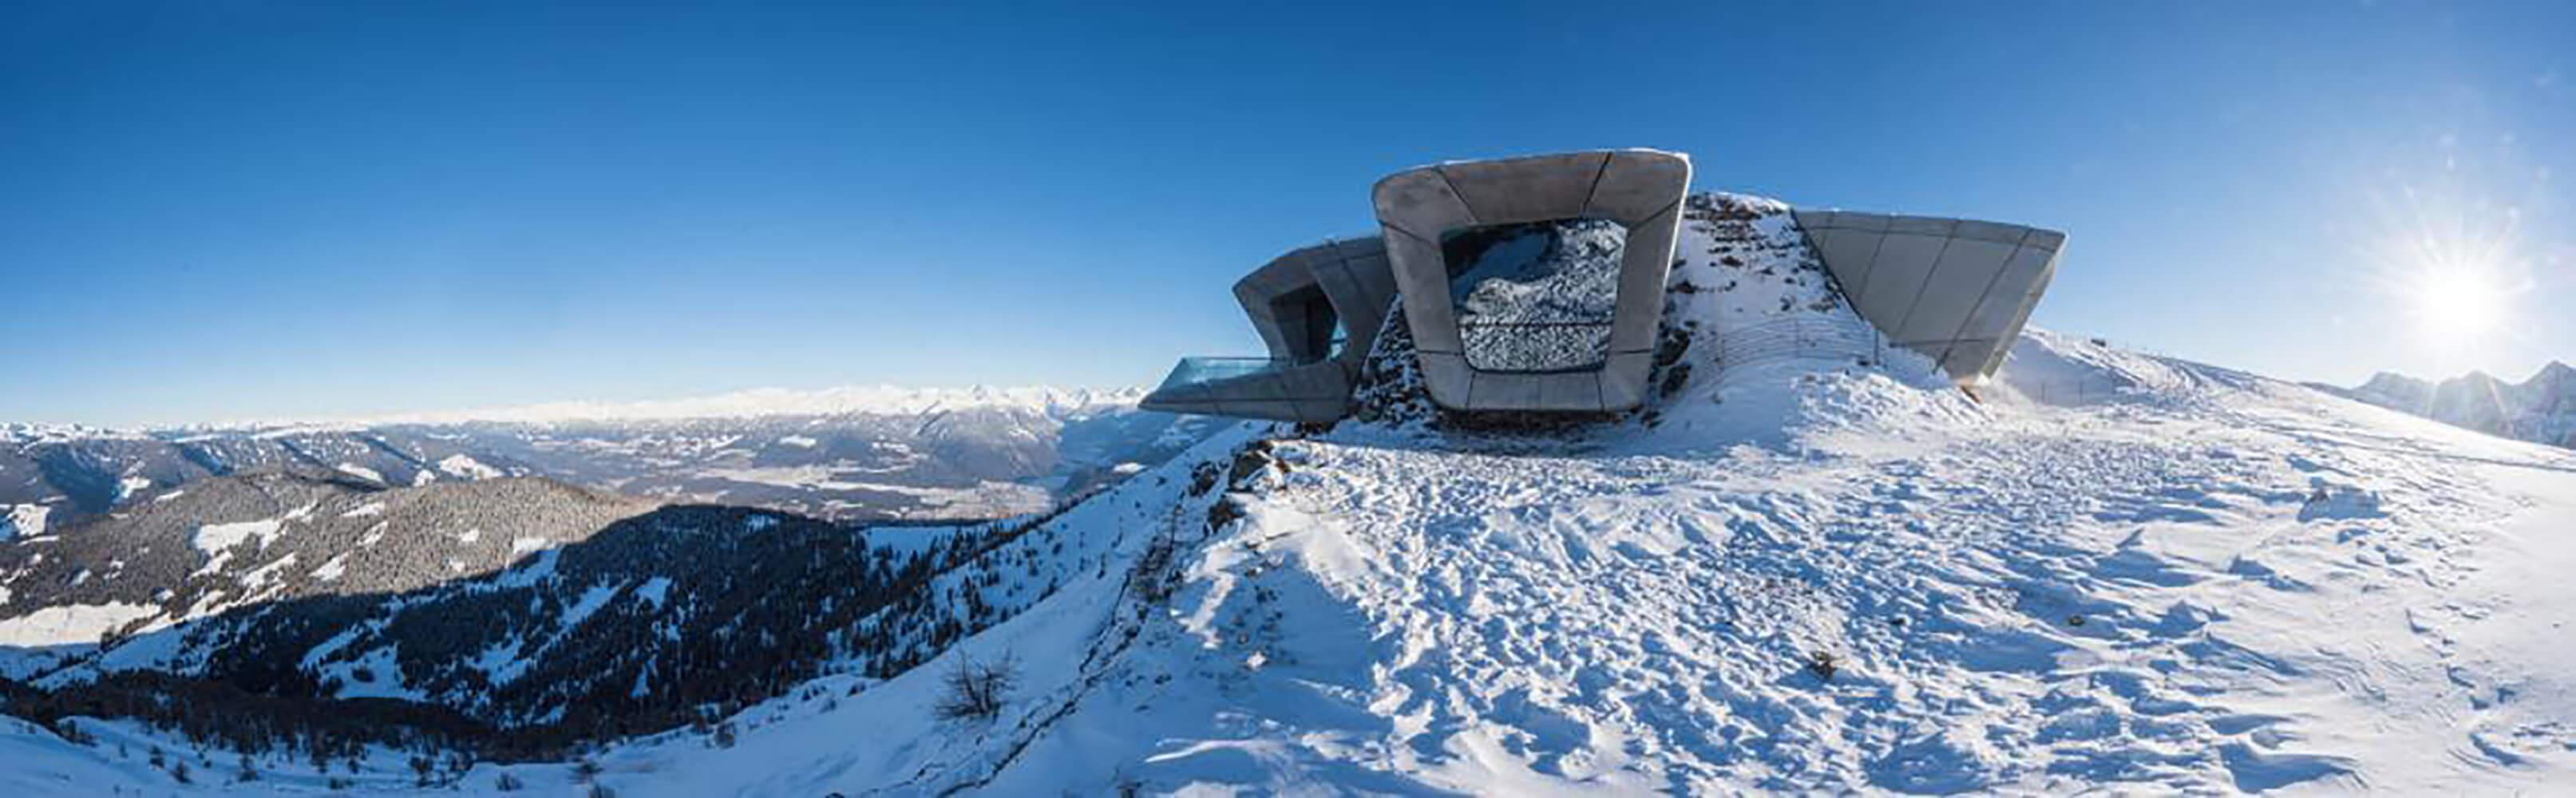 Kronplatz - Skigebiet Nr. 1 in Südtirol 1